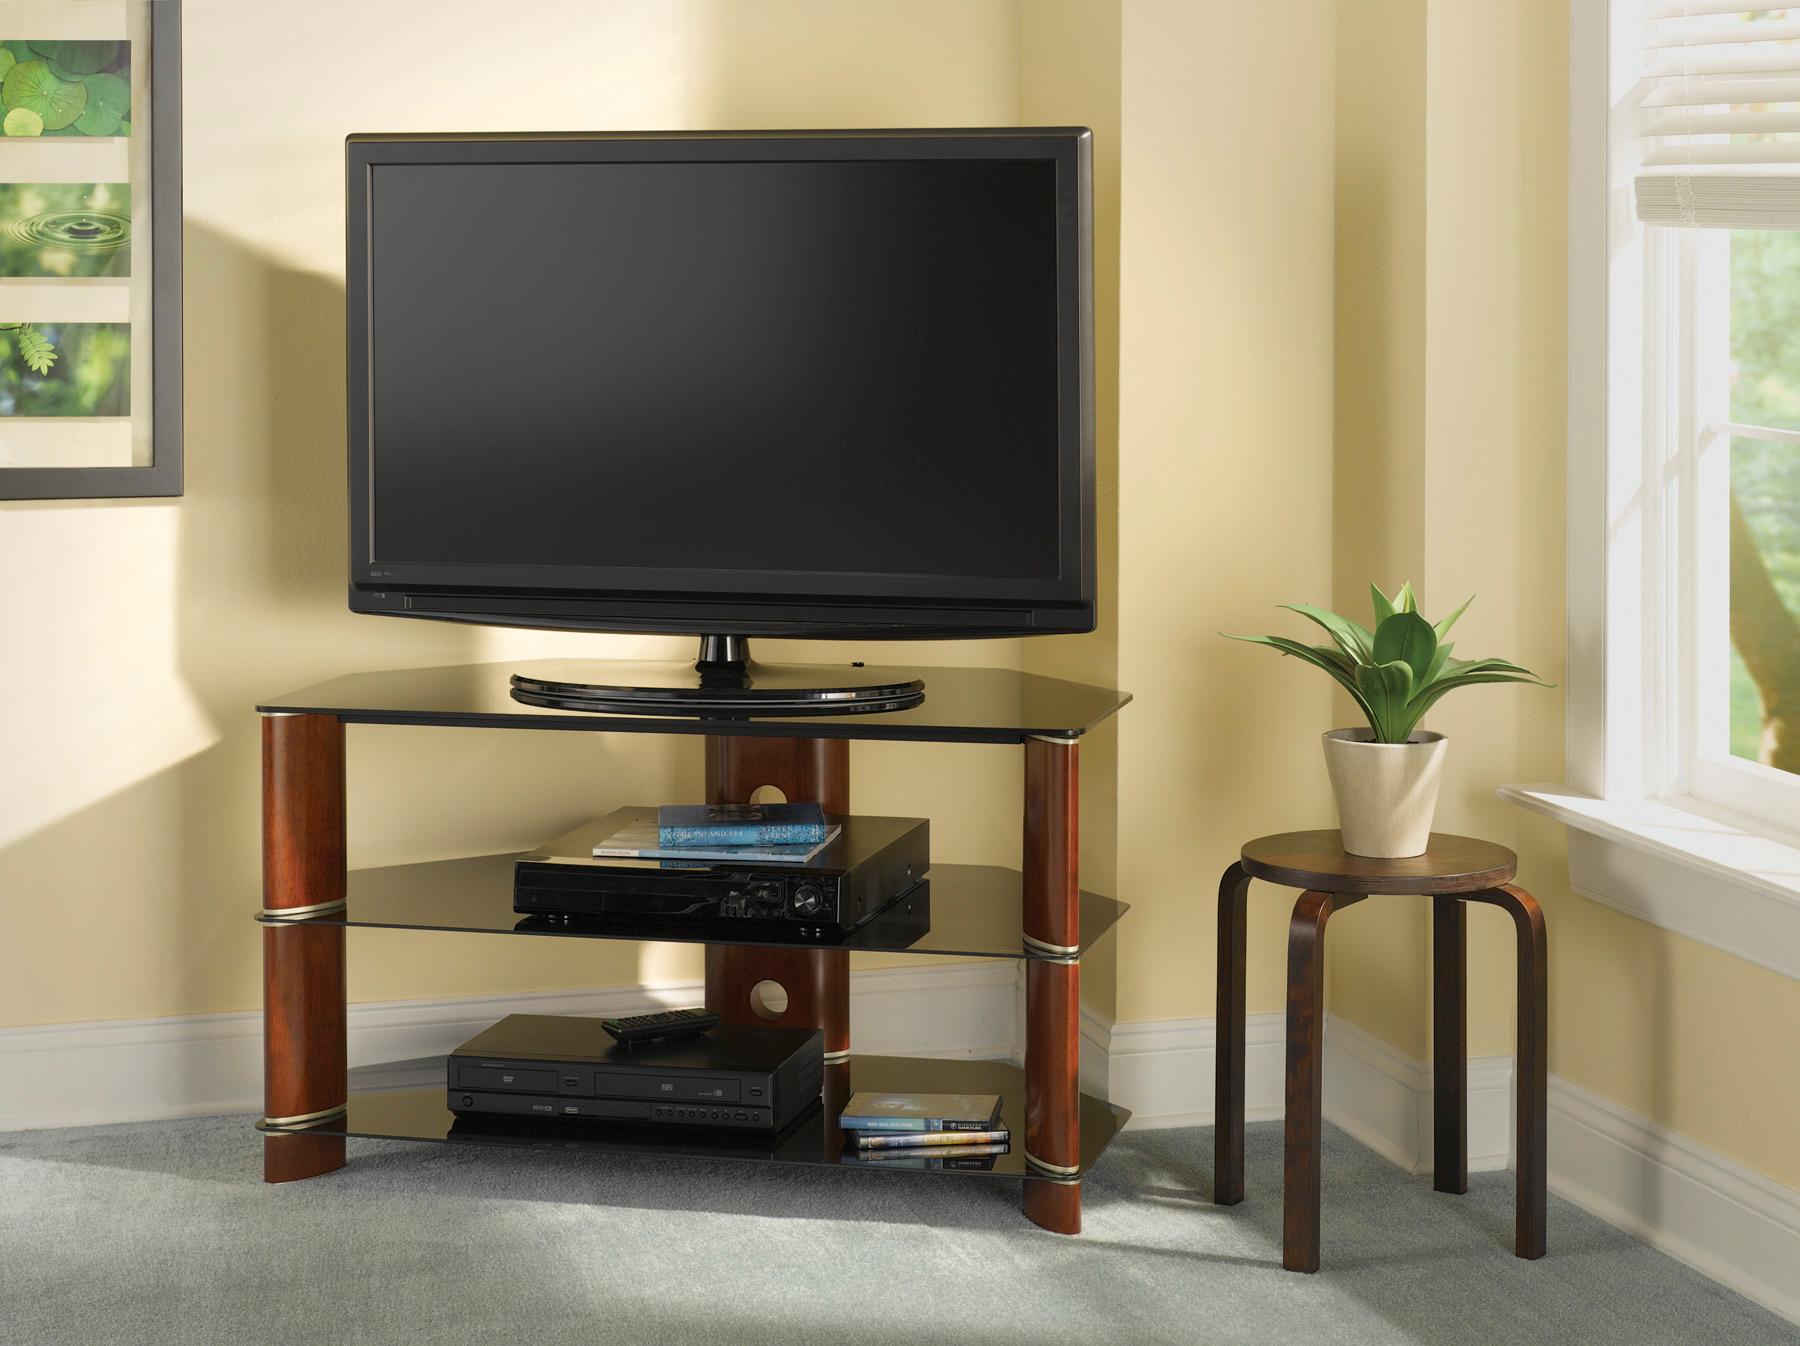 Угловая тумба для телевизора из дерева и стекла